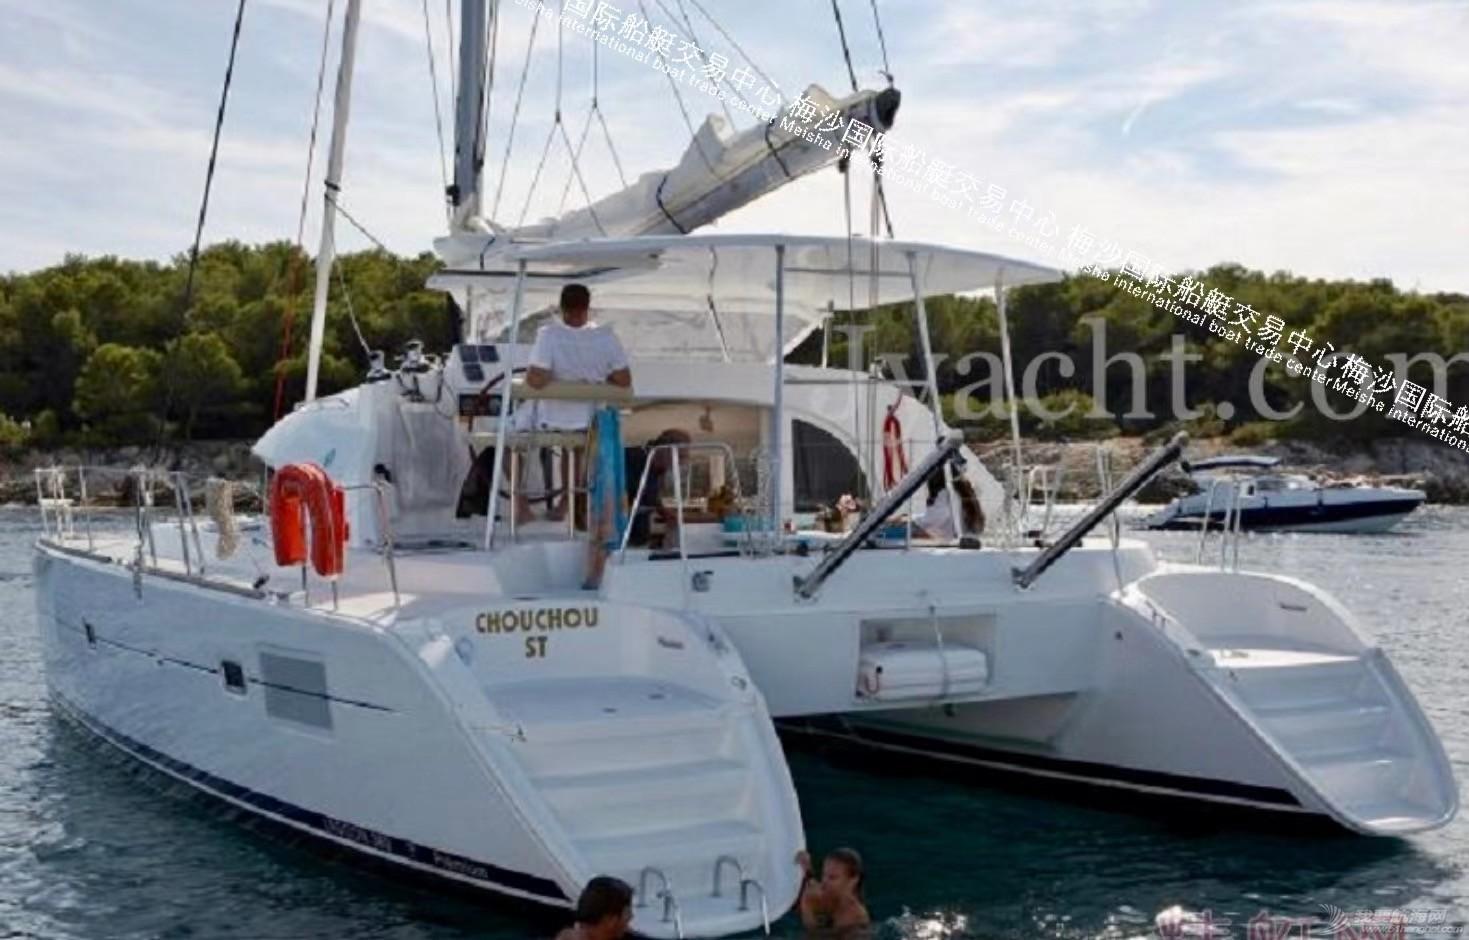 2013,使用,进口,帆船,法国 2013年下水38尺法国进口双体帆船  111125xbubu6qzkvubzlv1